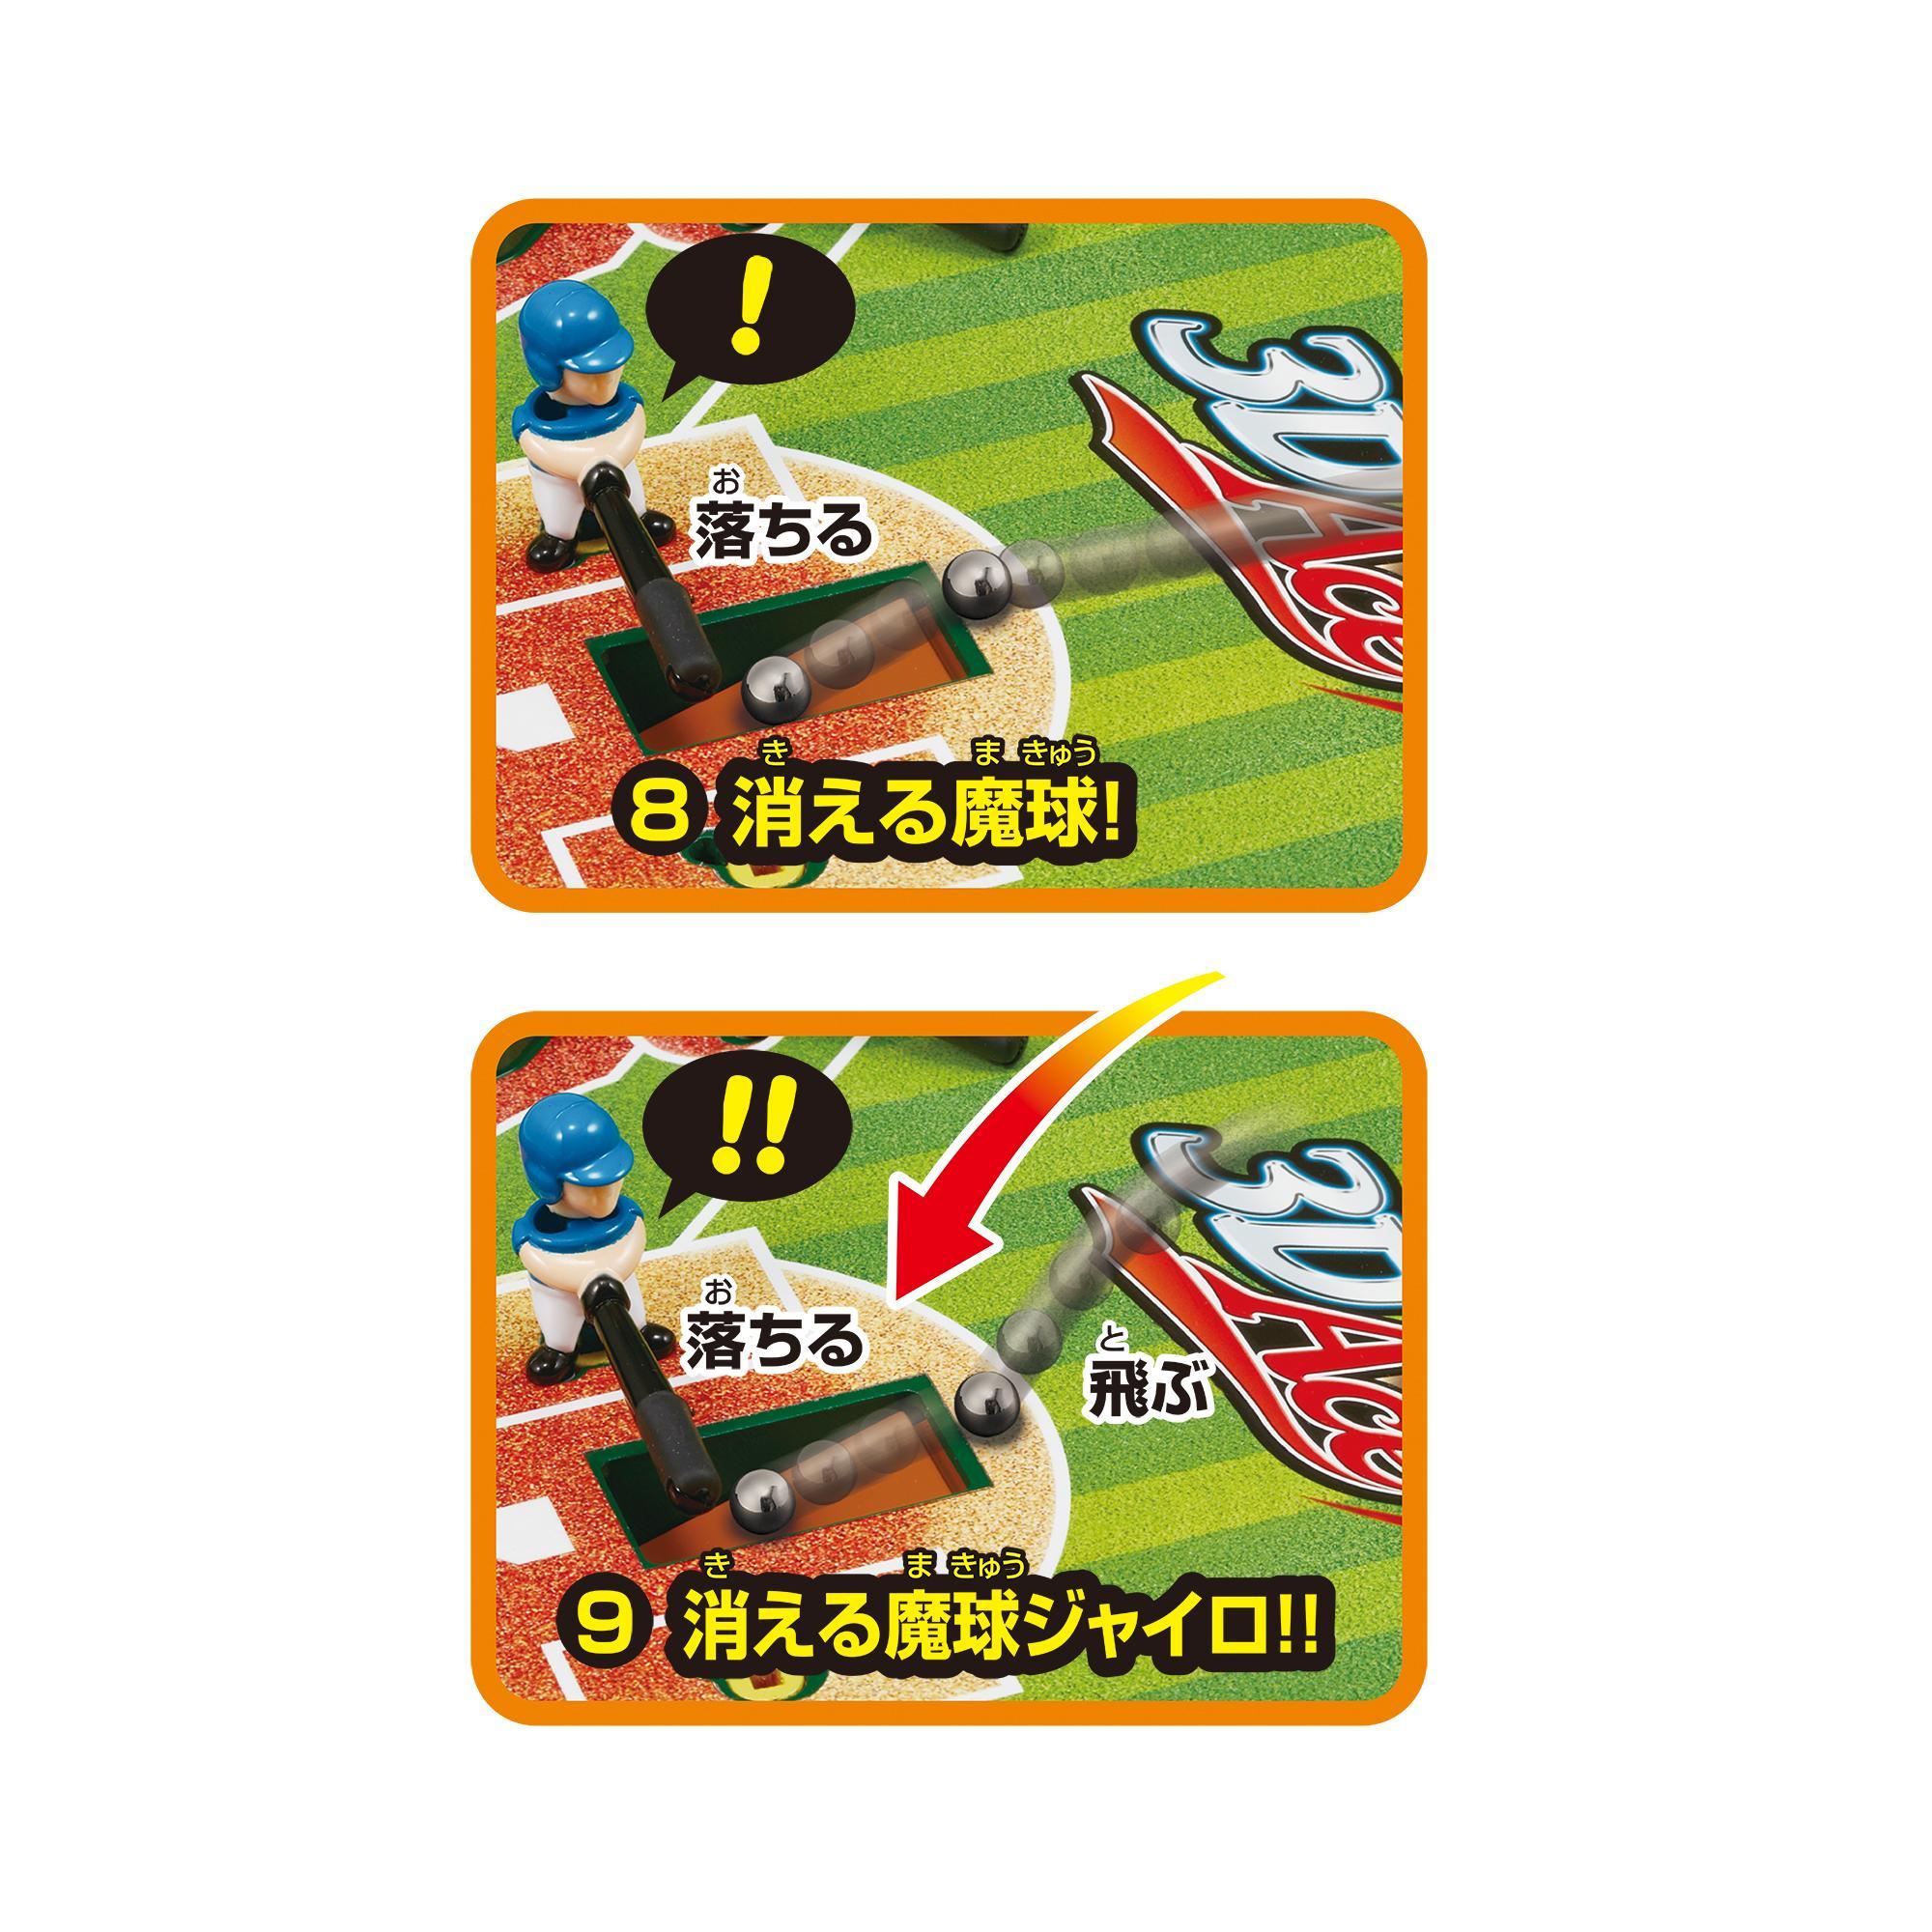 試用レポート: エポック社 野球盤 3Dエース